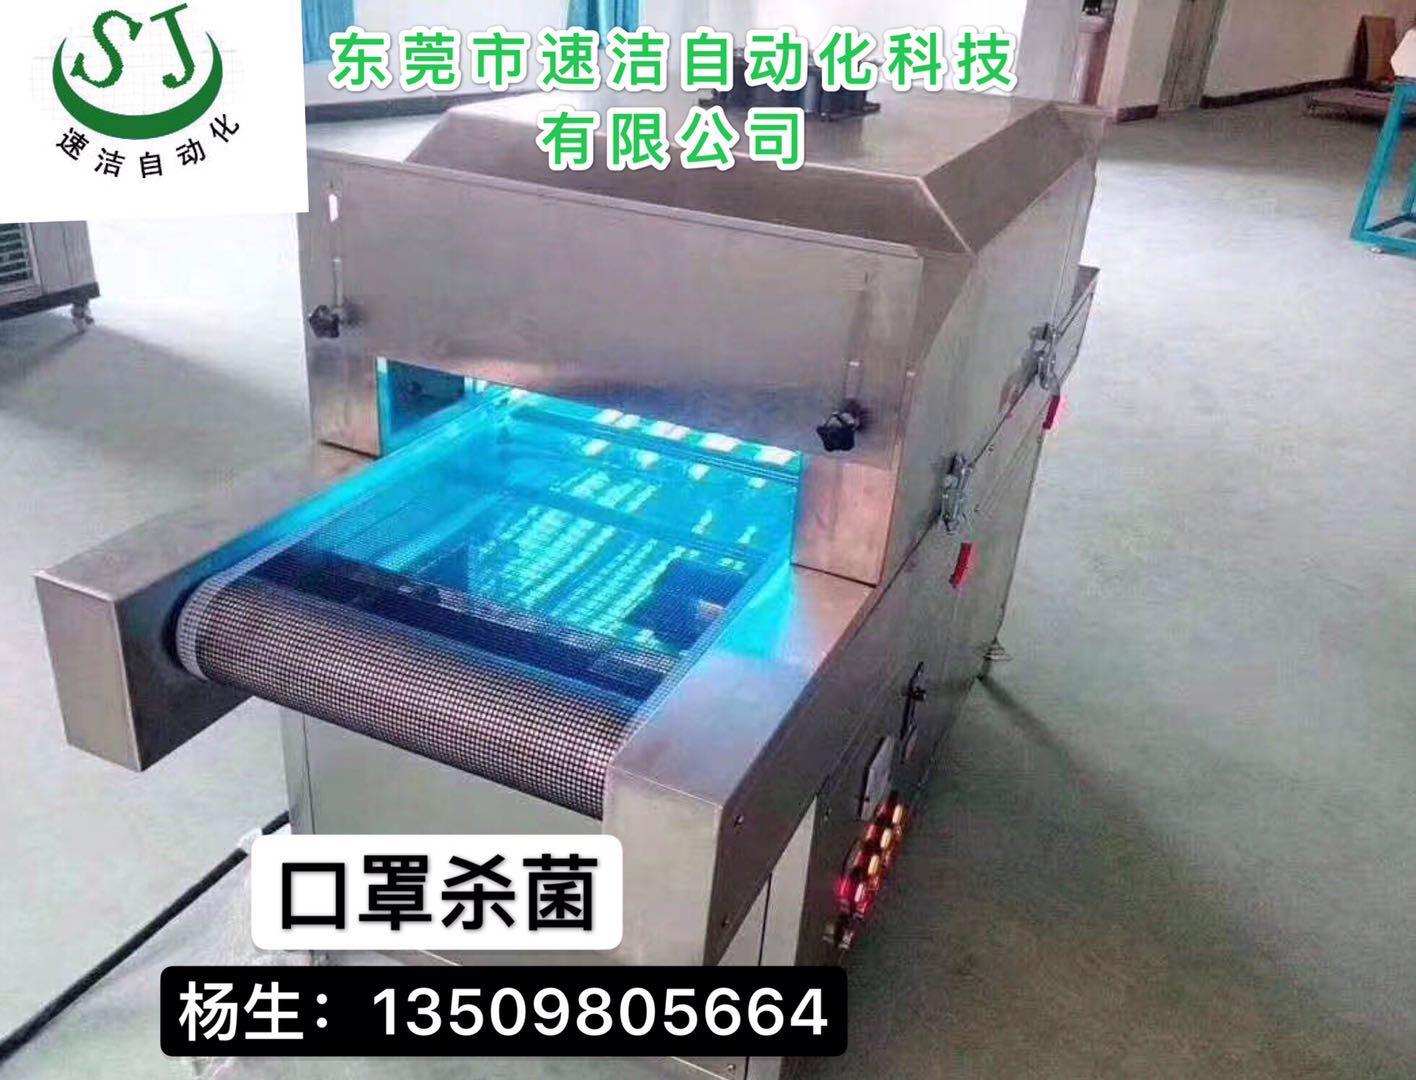 微信图片_20200325095553.jpg